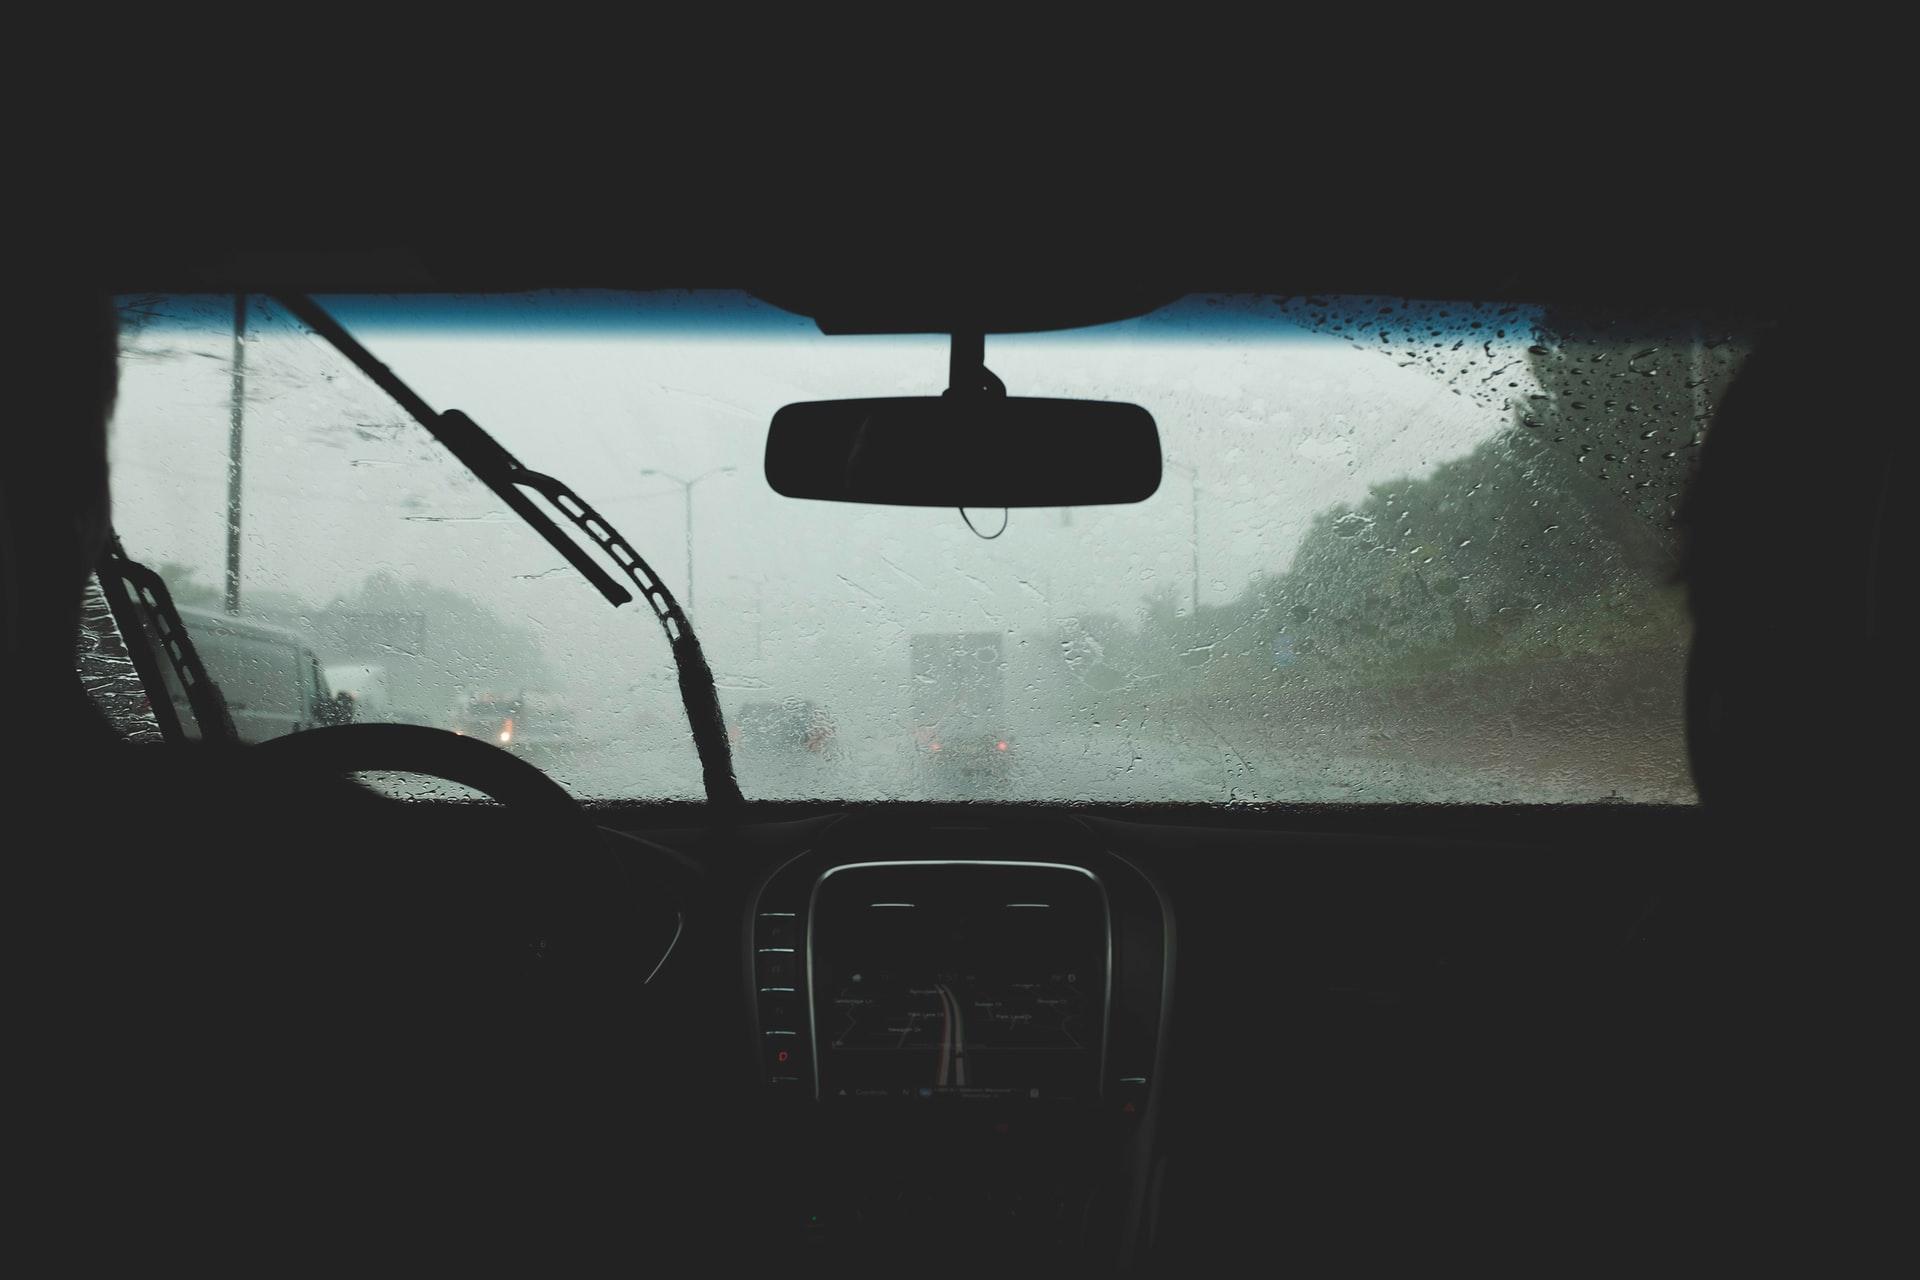 Zahmlievanie okien – ako s tým bojovať?